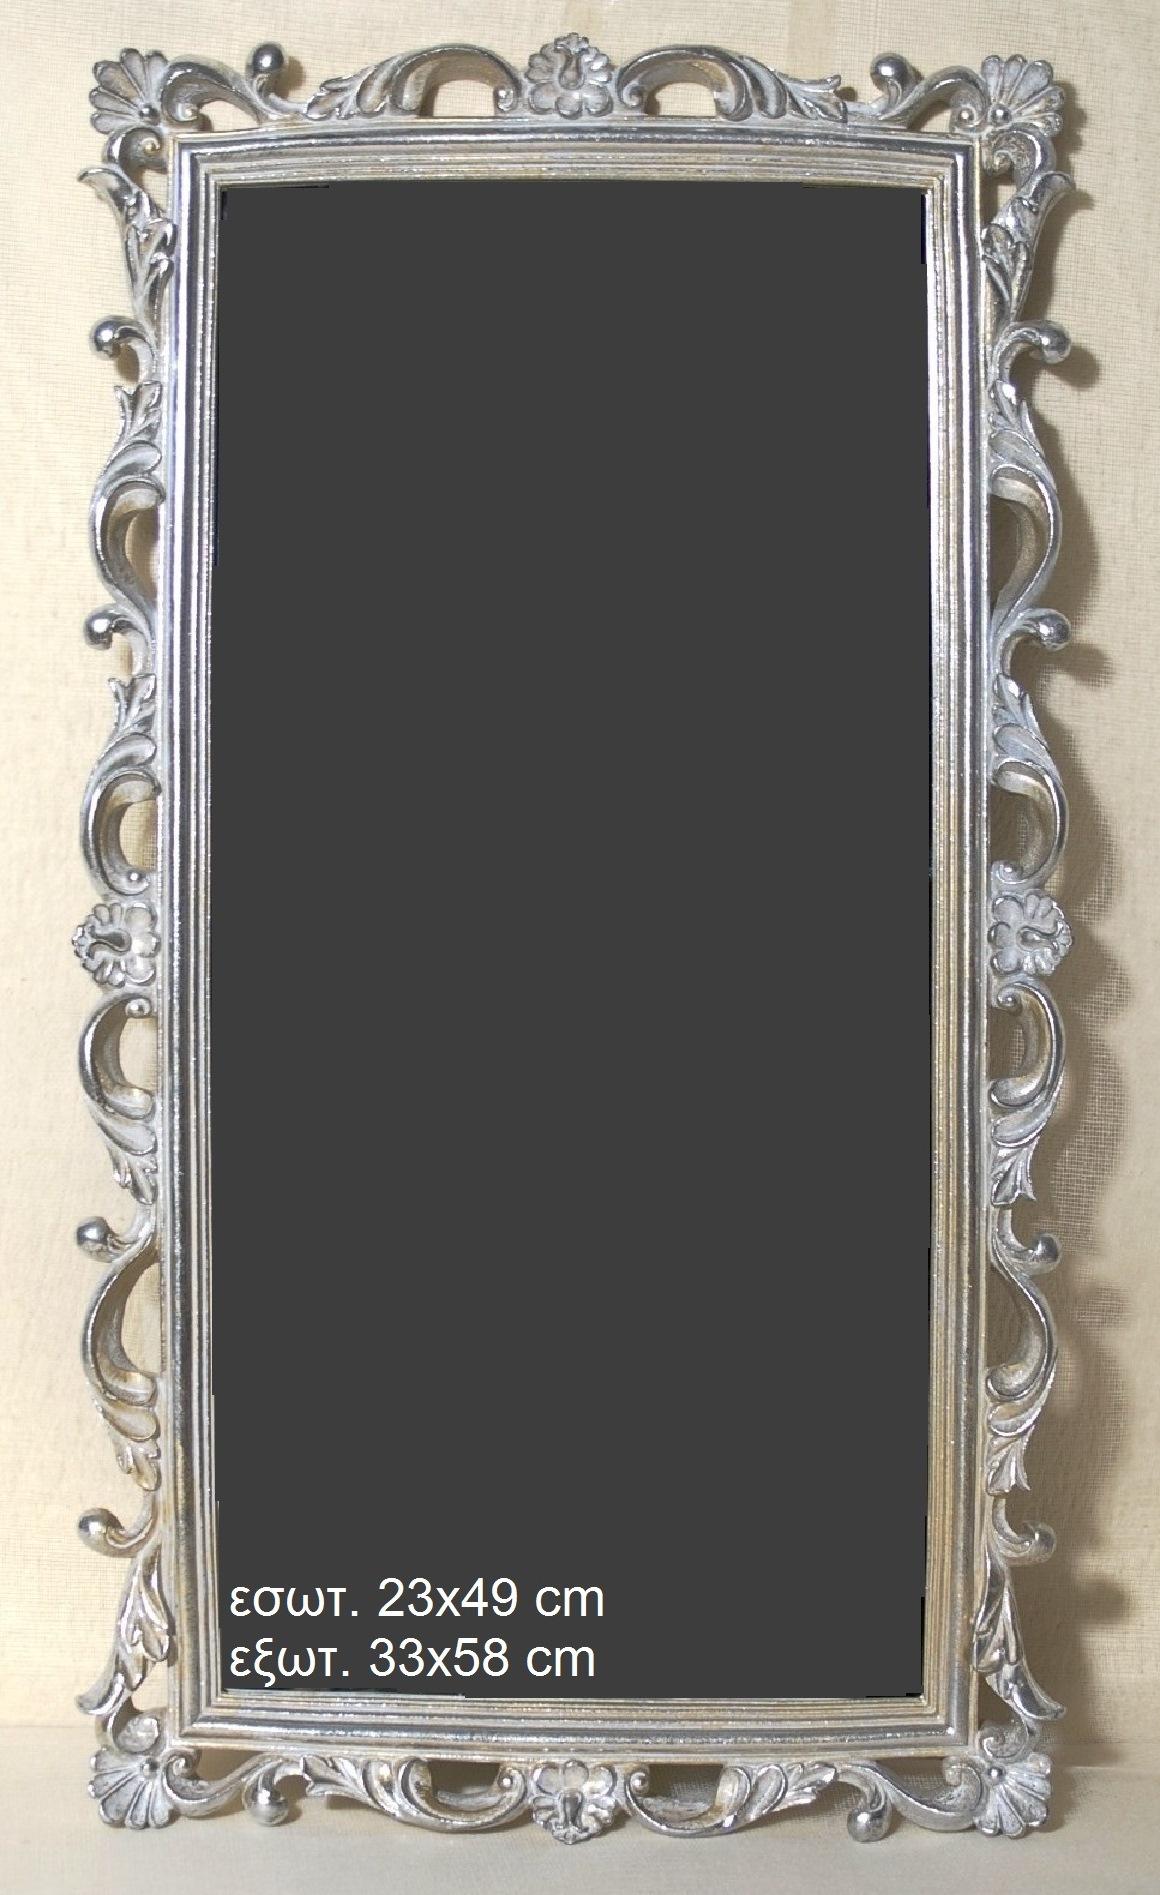 Καθρέπτης Πολυεστερικός Royal Art 23x49εκ. YUA3/045SL (Υλικό: Πολυεστερικό) - Royal Art Collection - YUA3/045SL